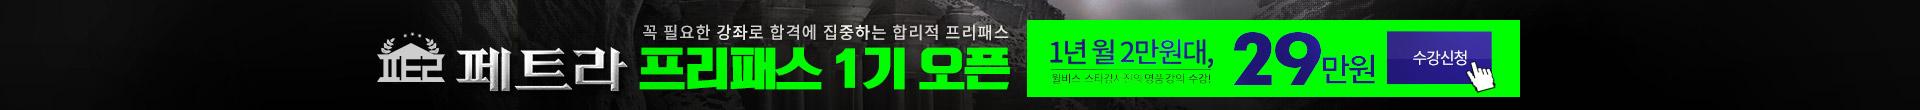 1 - TOP 배너